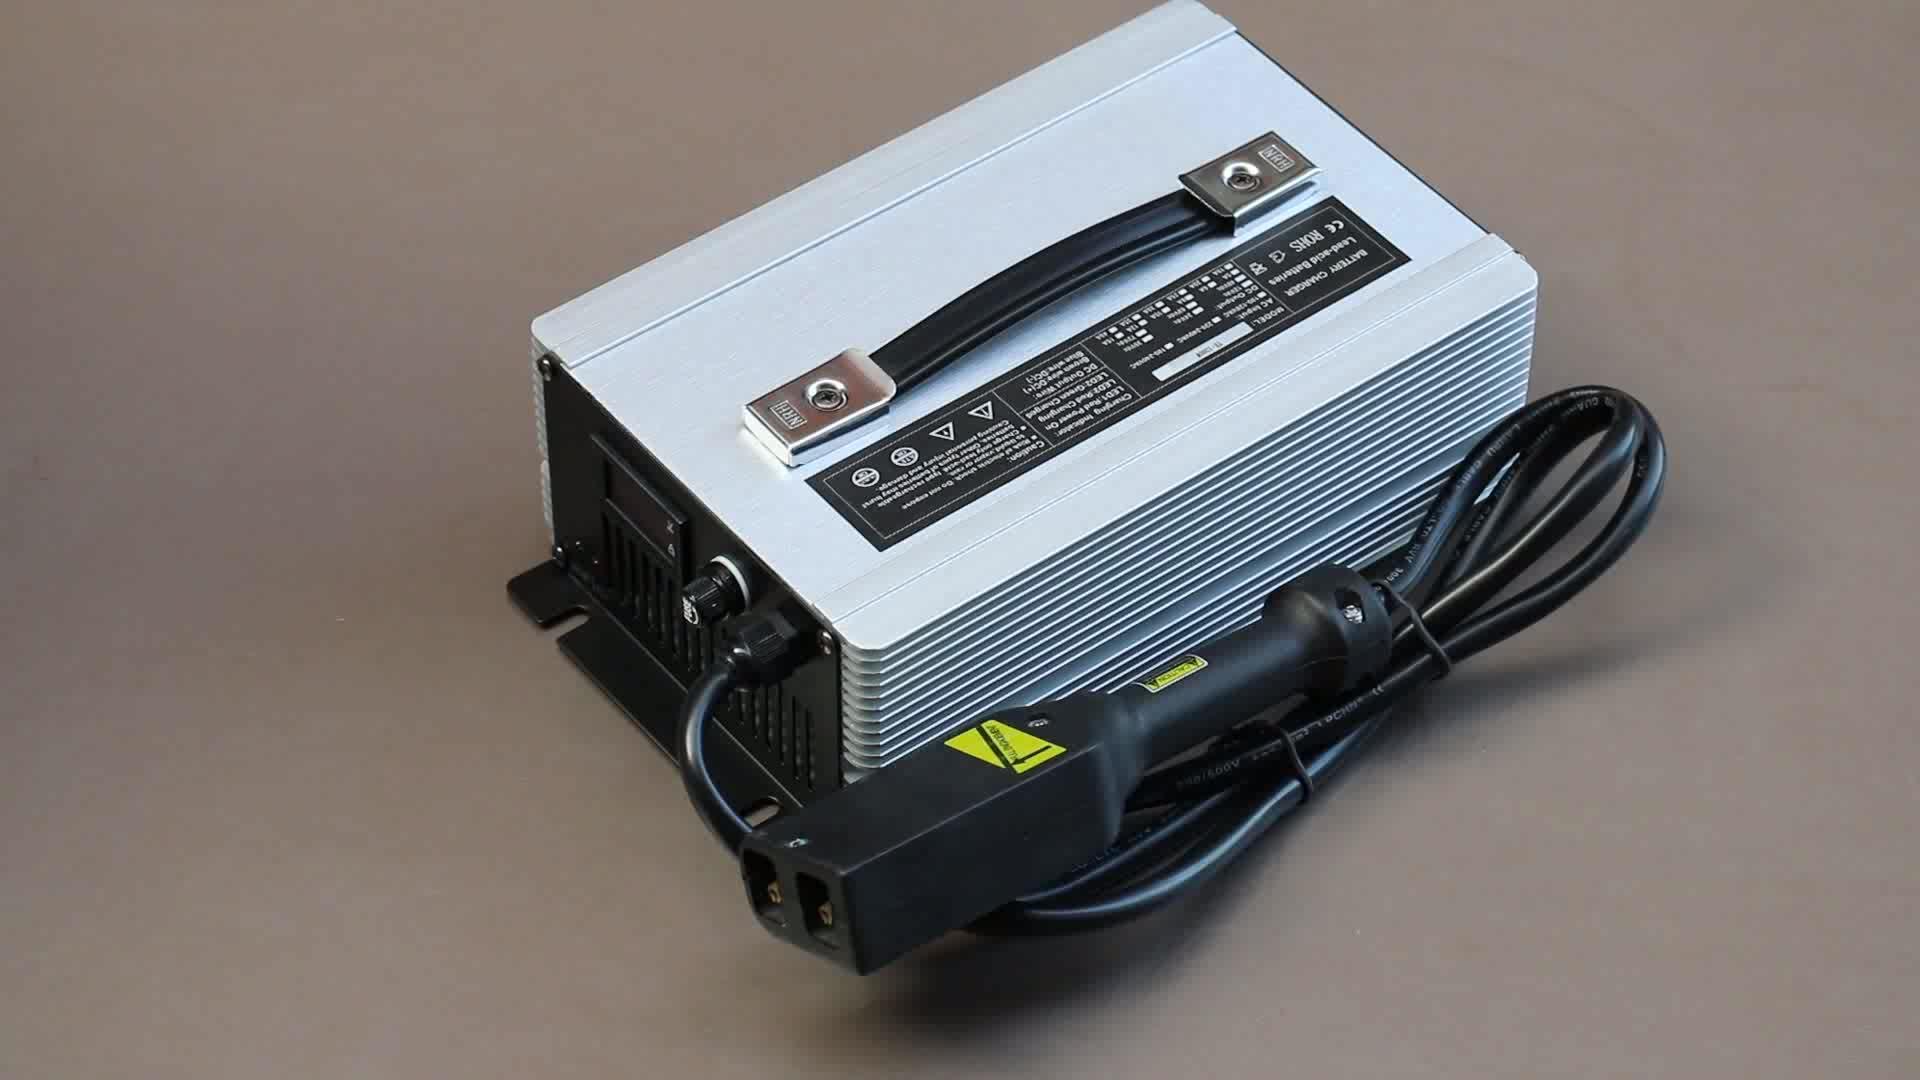 YXLN ez-go golf cart batteria 48 V caricatore 18A batterie al piombo acido utilizzato con CE ROHS